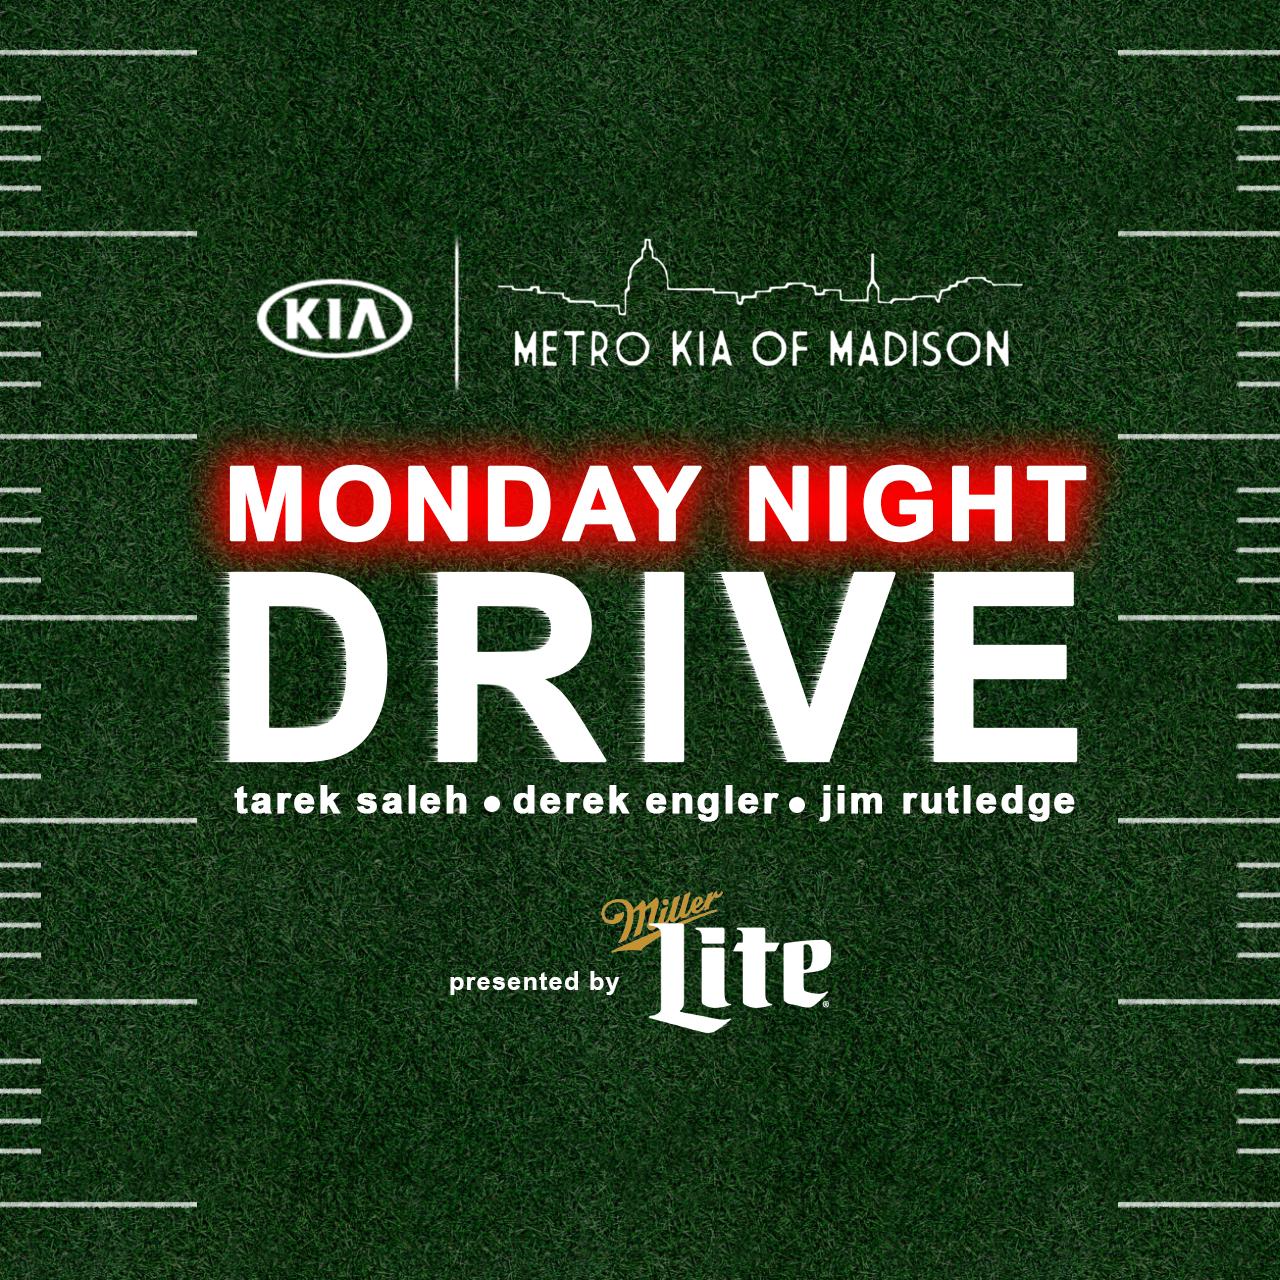 Monday Night Drive